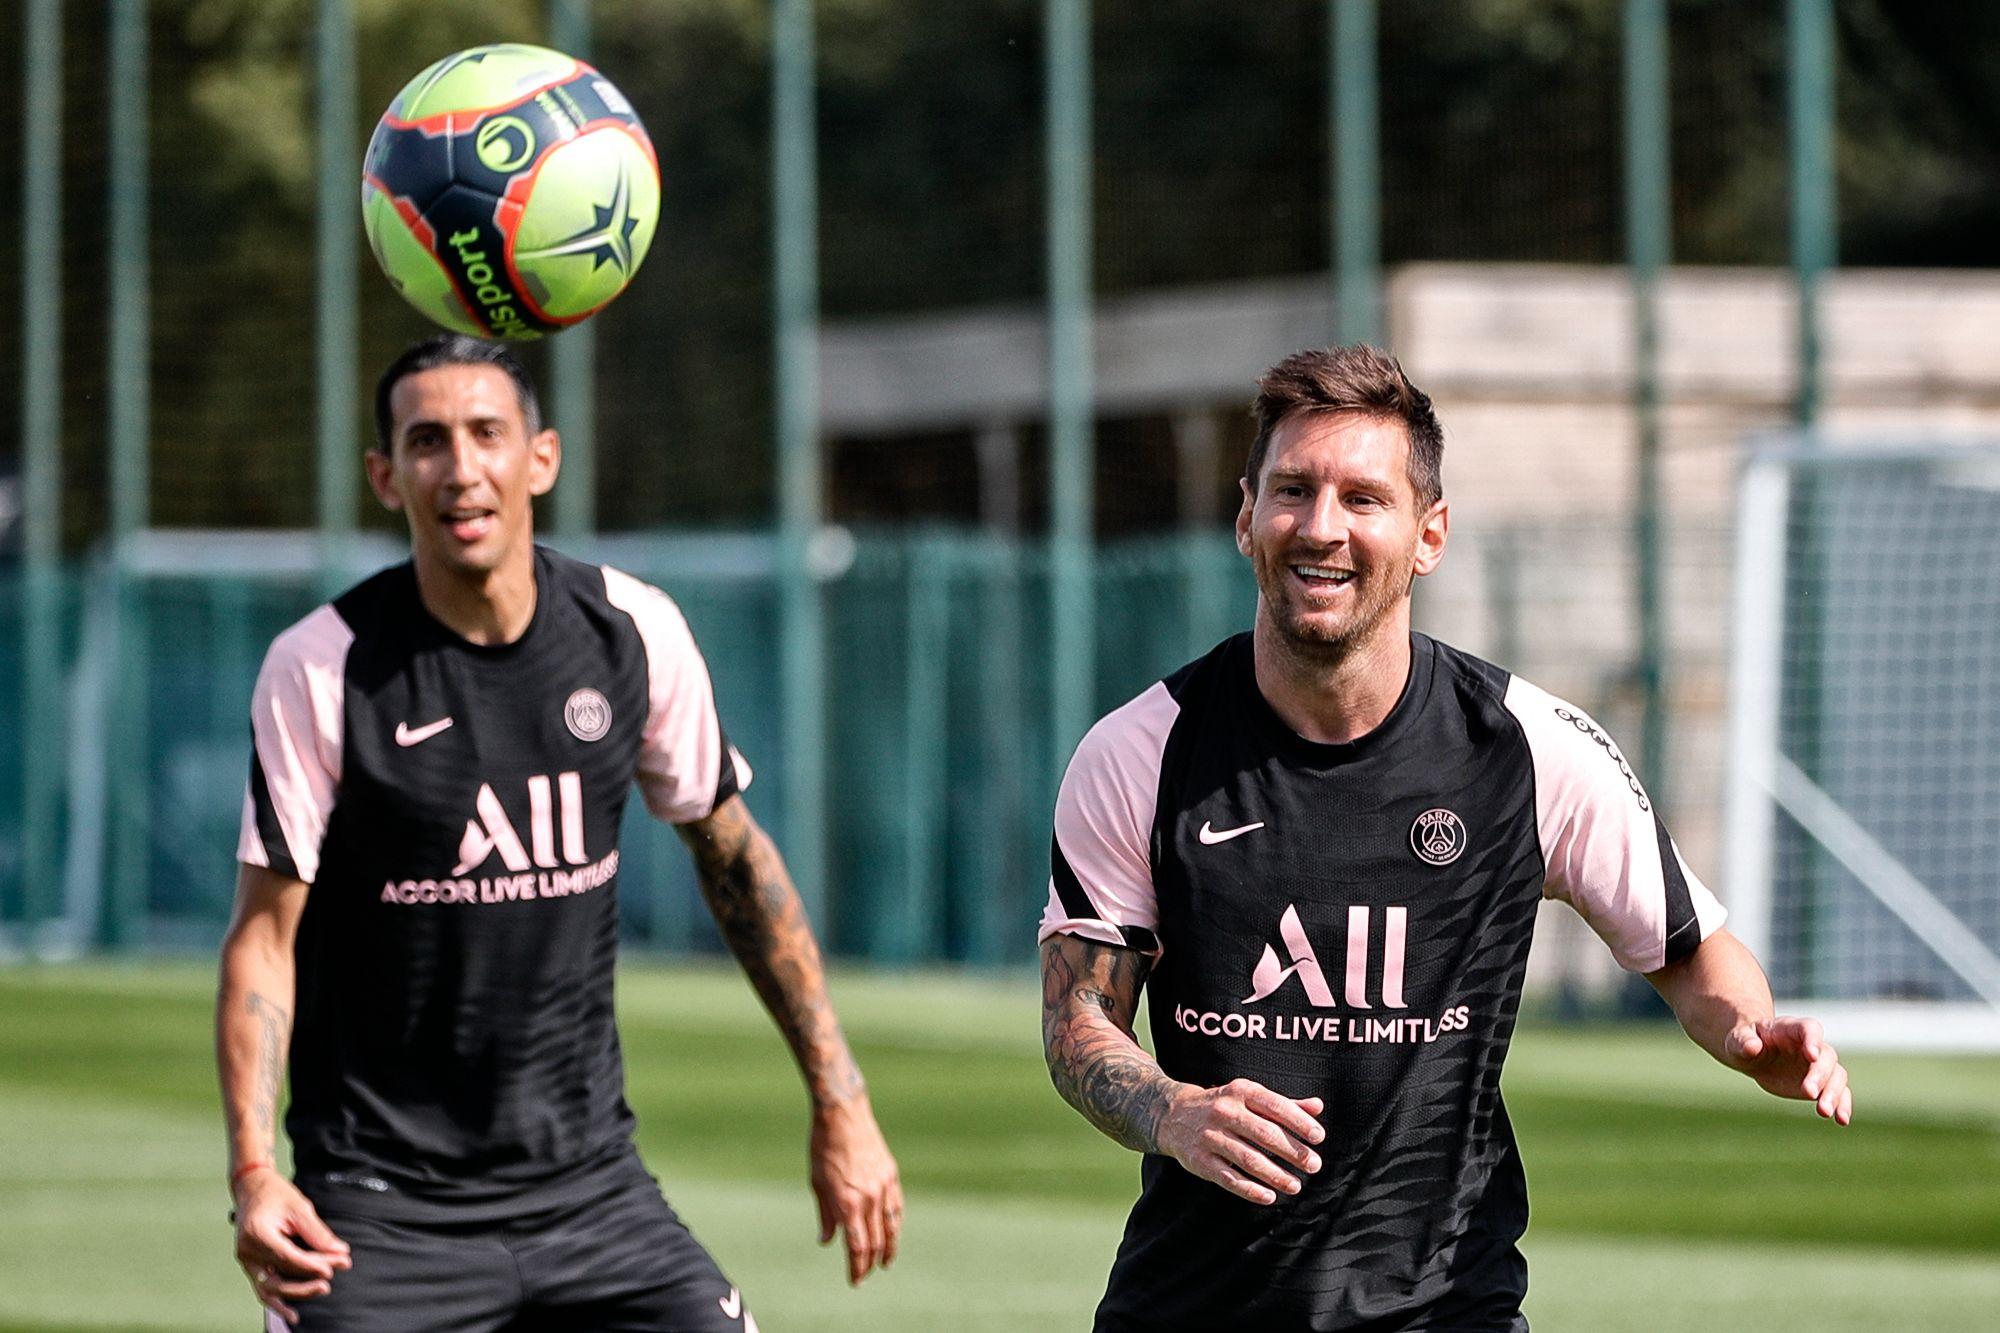 Así fue el primer entrenamiento de Lionel Messi con el PSG